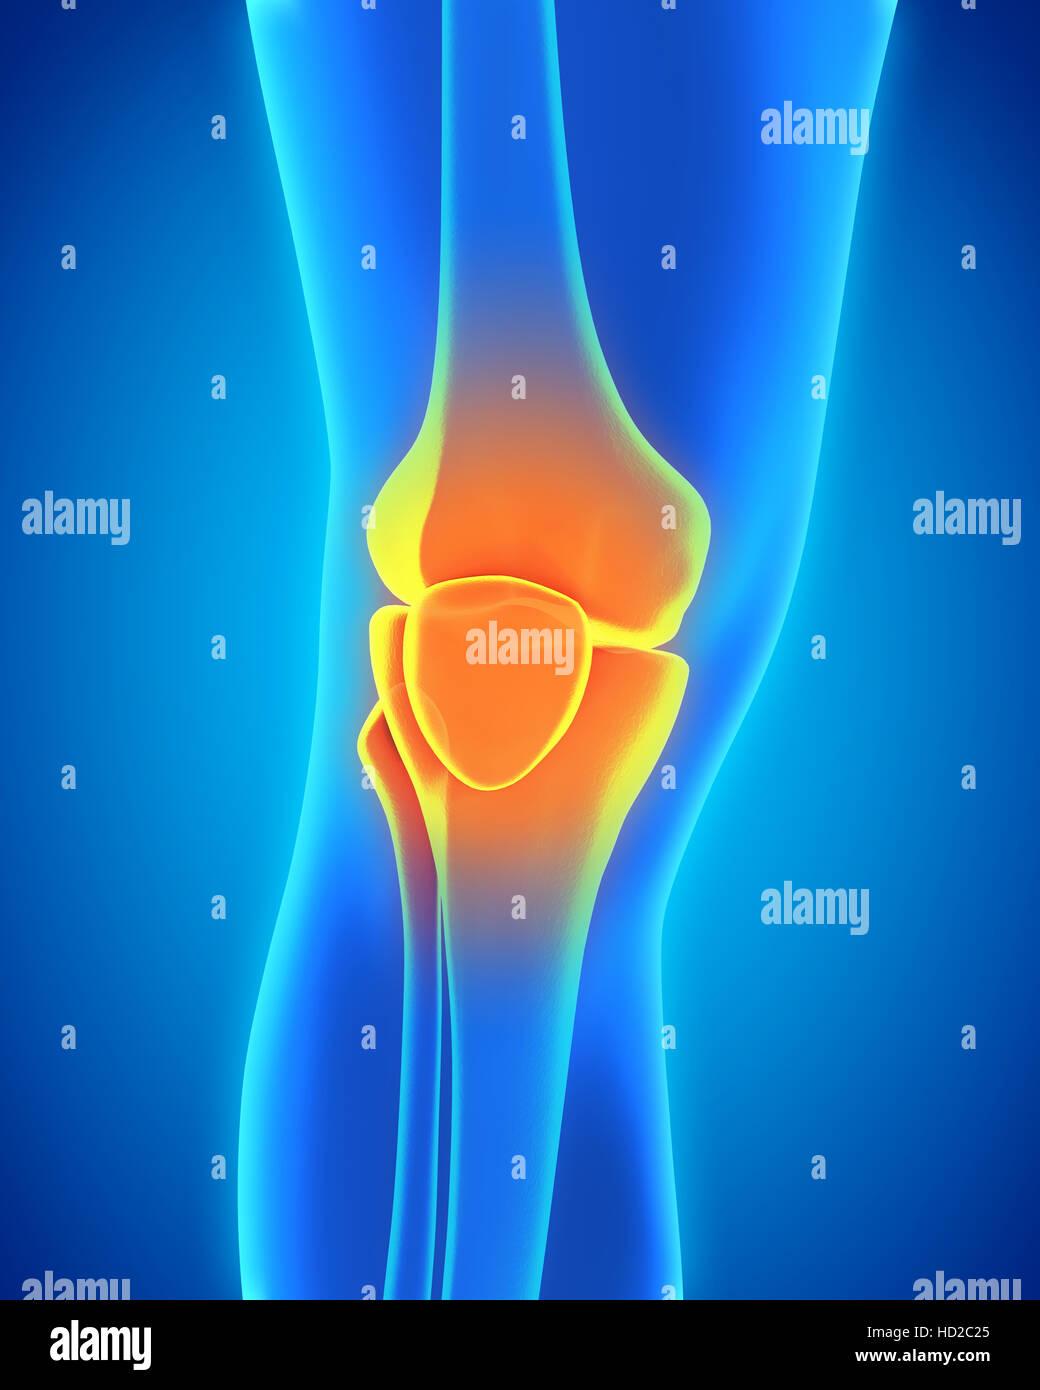 Anatomie der menschlichen Knie Stockfoto, Bild: 128516477 - Alamy